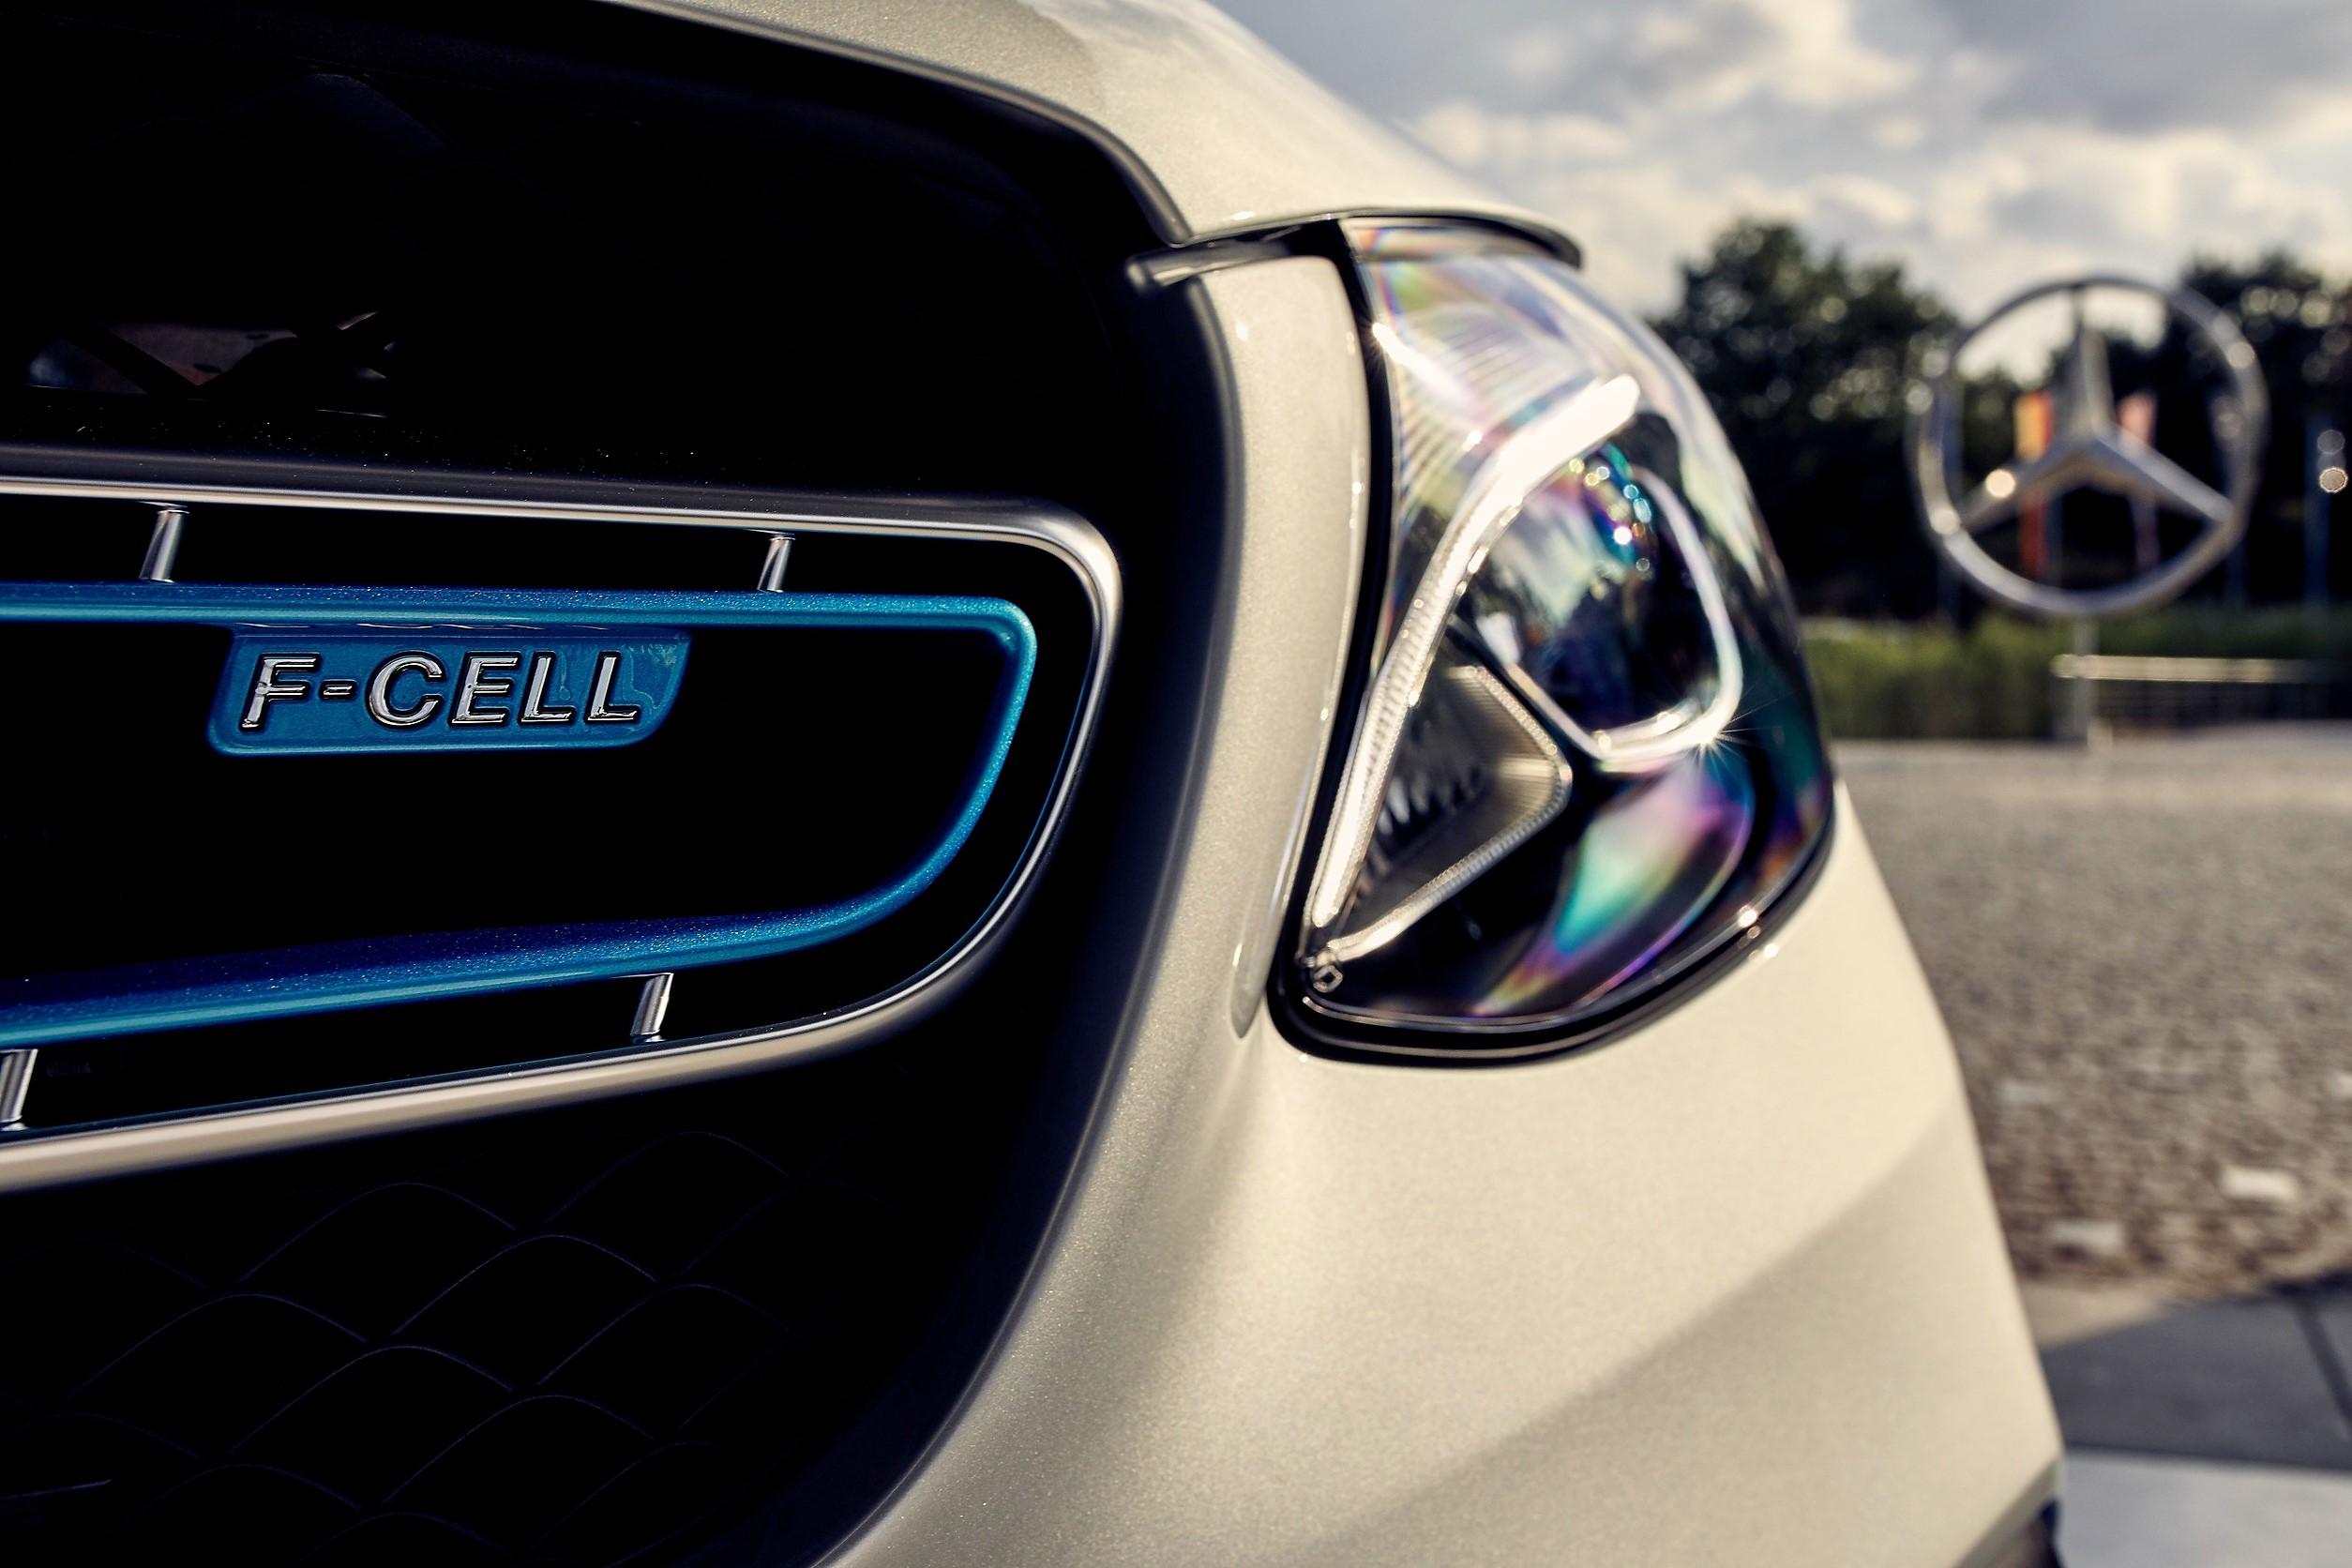 Die Testfahrer Auto Und Reise Magazin Online Mit Cover Headlamp Satria Fu Gen3 Der Mercedes Glc F Cell